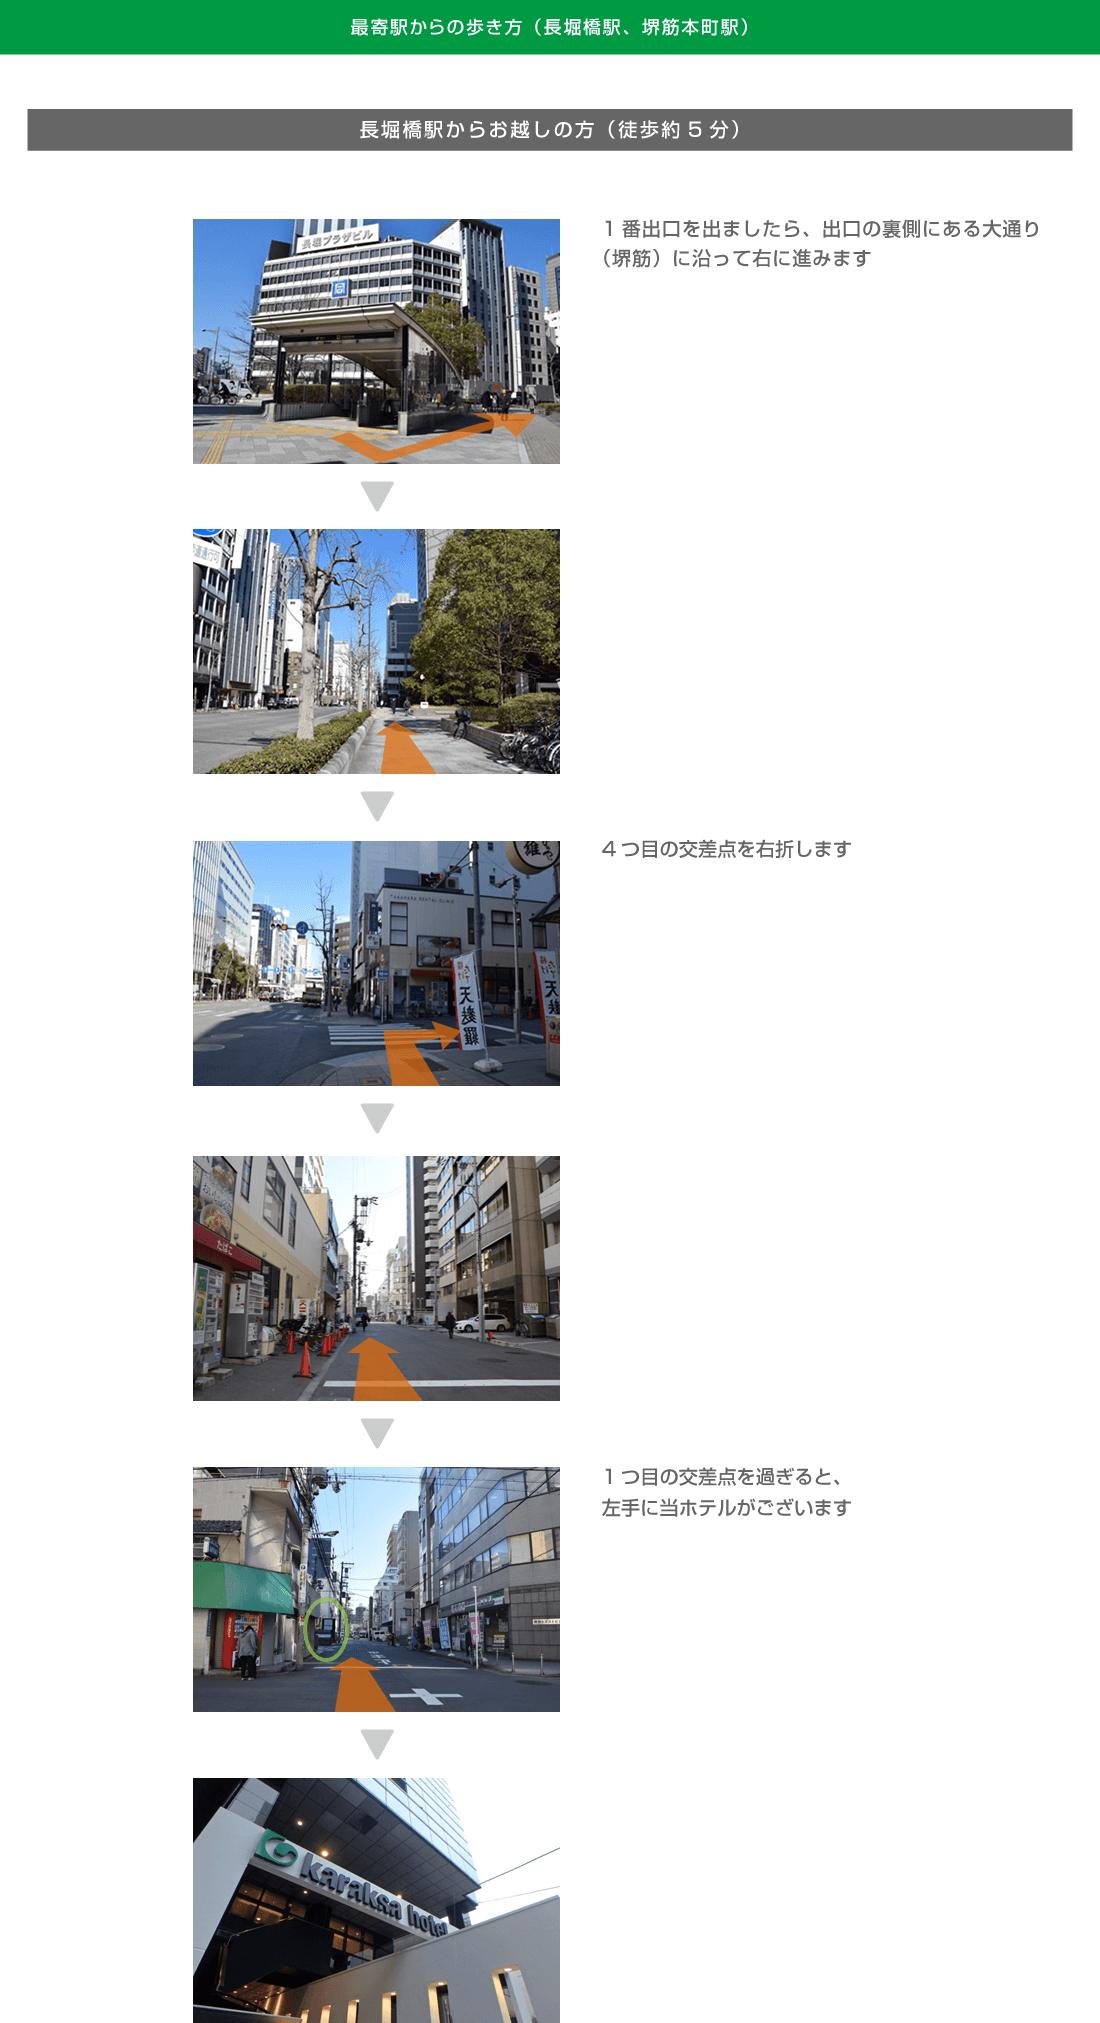 access_shinsaibashi_pc_4